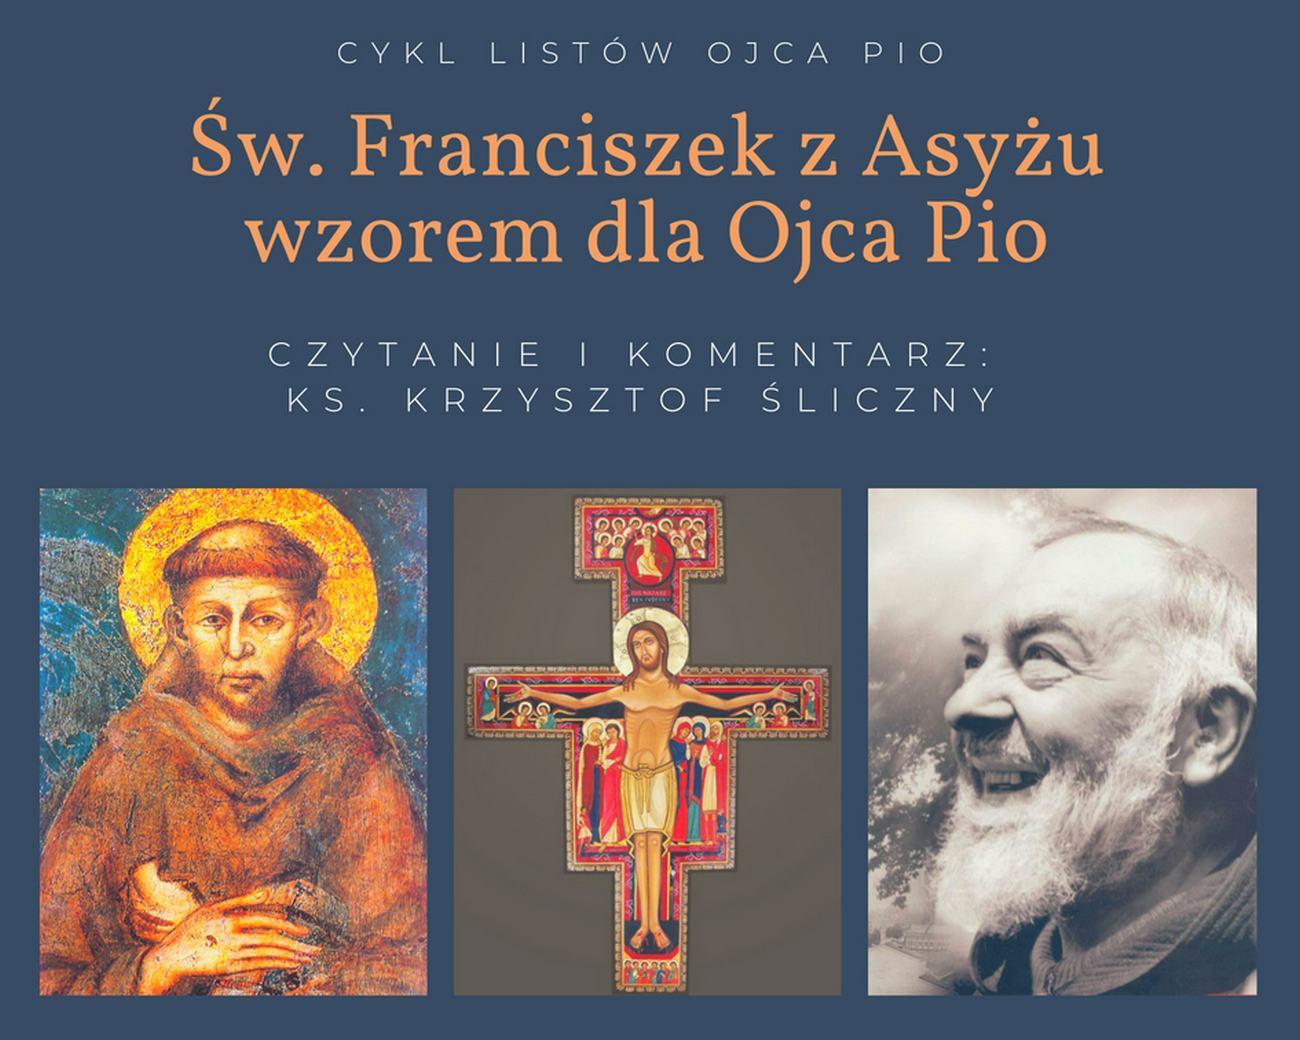 Św. Franciszek z Asyżu wzorem dla Ojca Pio (wybrane listy) - list 1